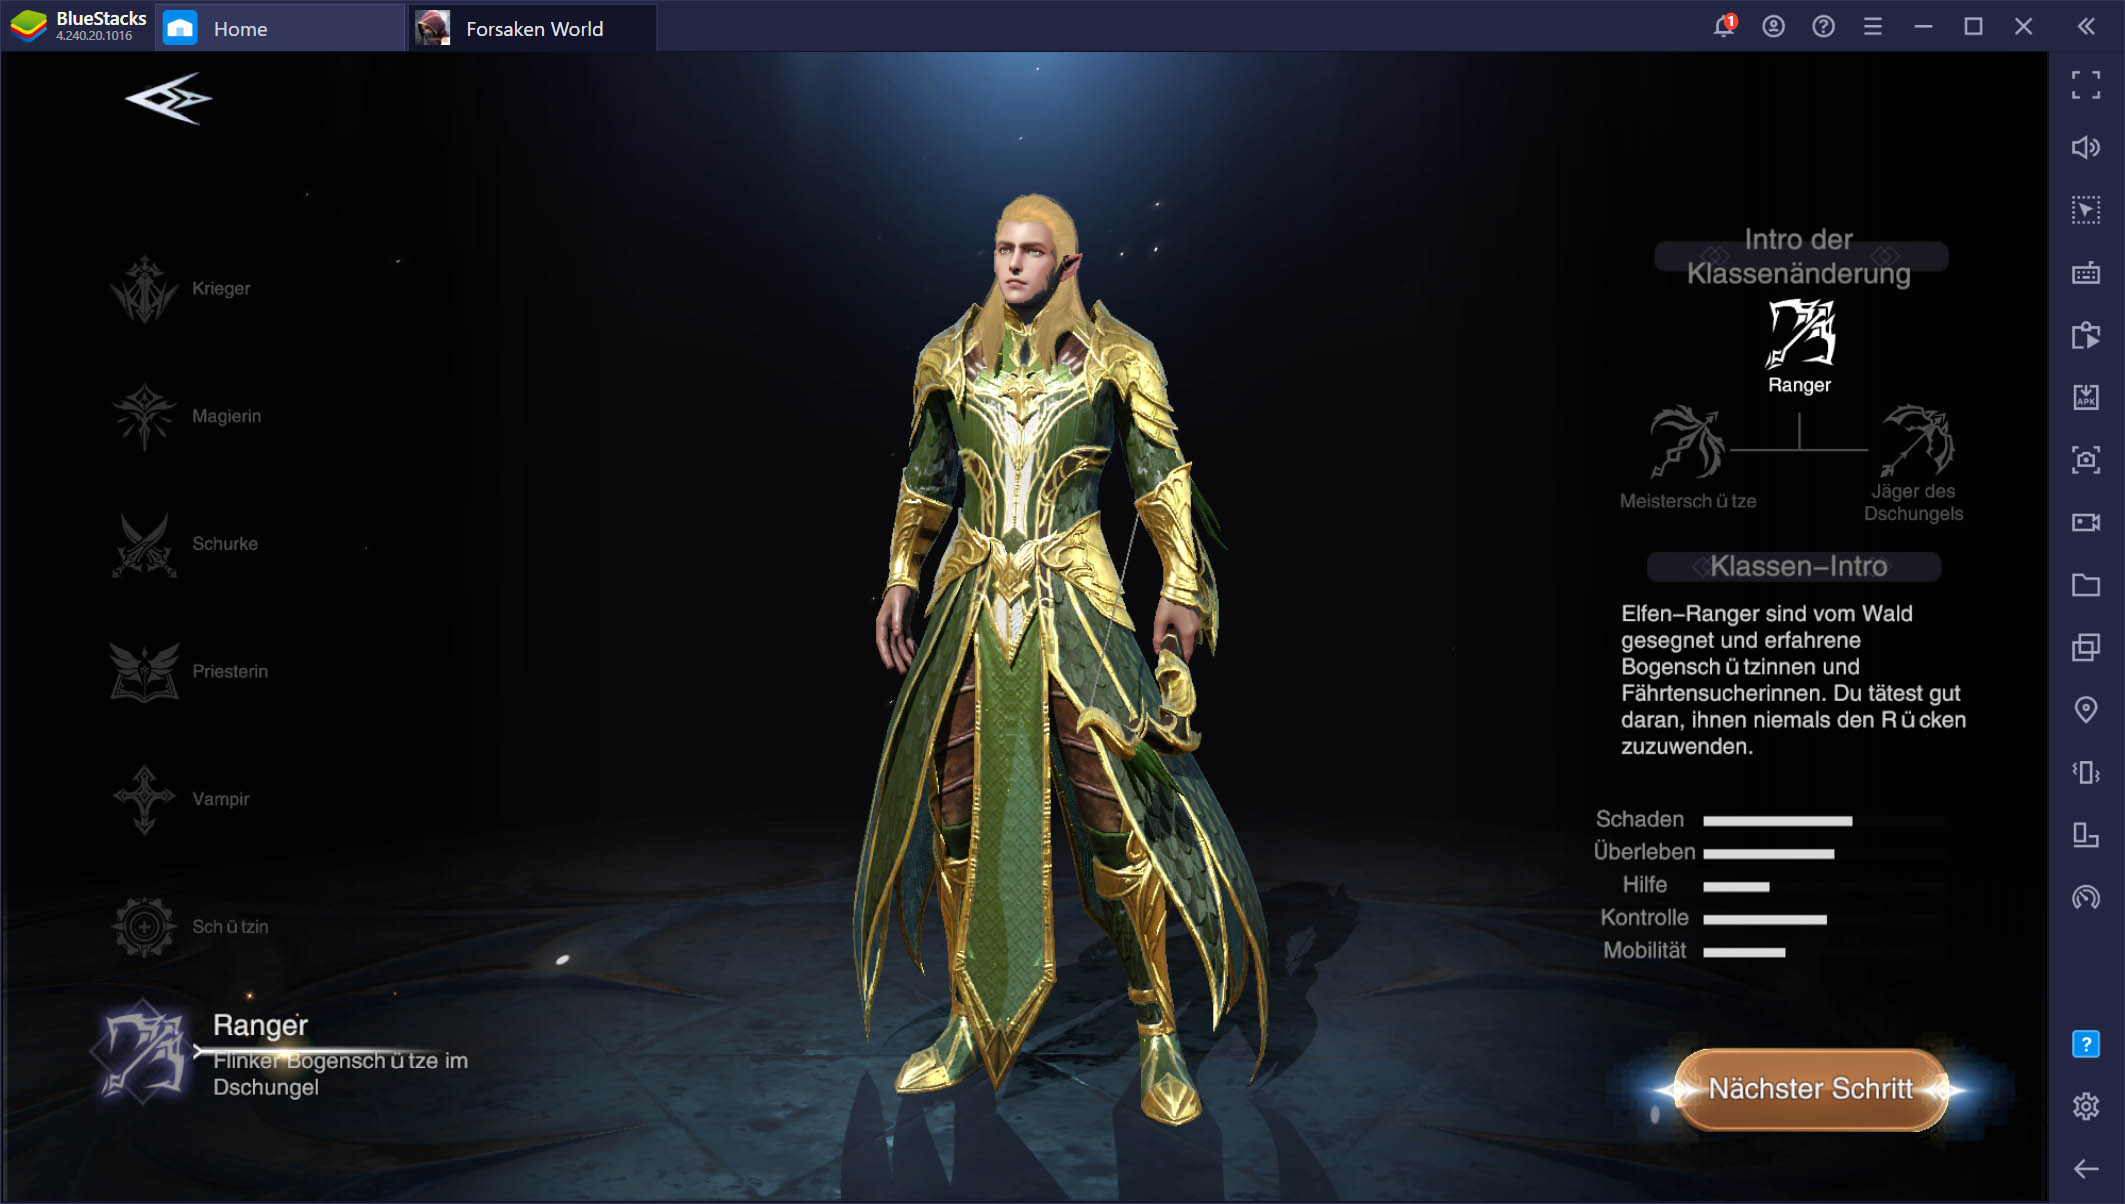 Forsaken World: Gods and Demons auf dem PC – Leitfaden über die besten Klassen für alle Rollen